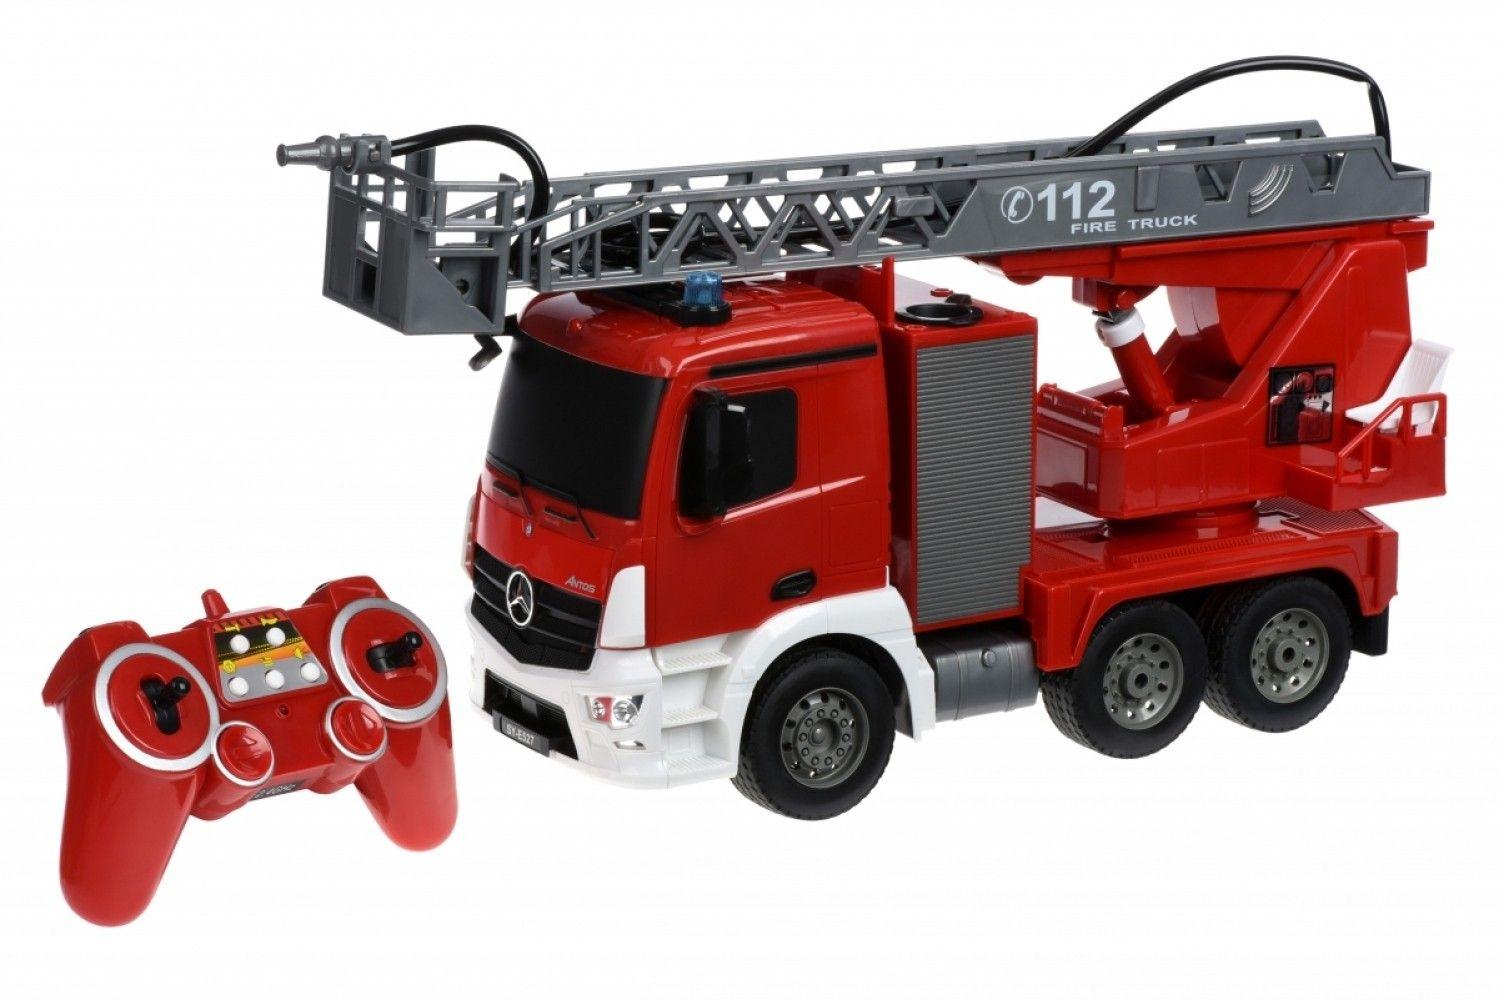 Купить Игрушечные машинки и техника, Машинка на р/у 3 в 1 Same Toy Пожарная машина Mercedes-Benz с лесницей 1:20 (E527-003)